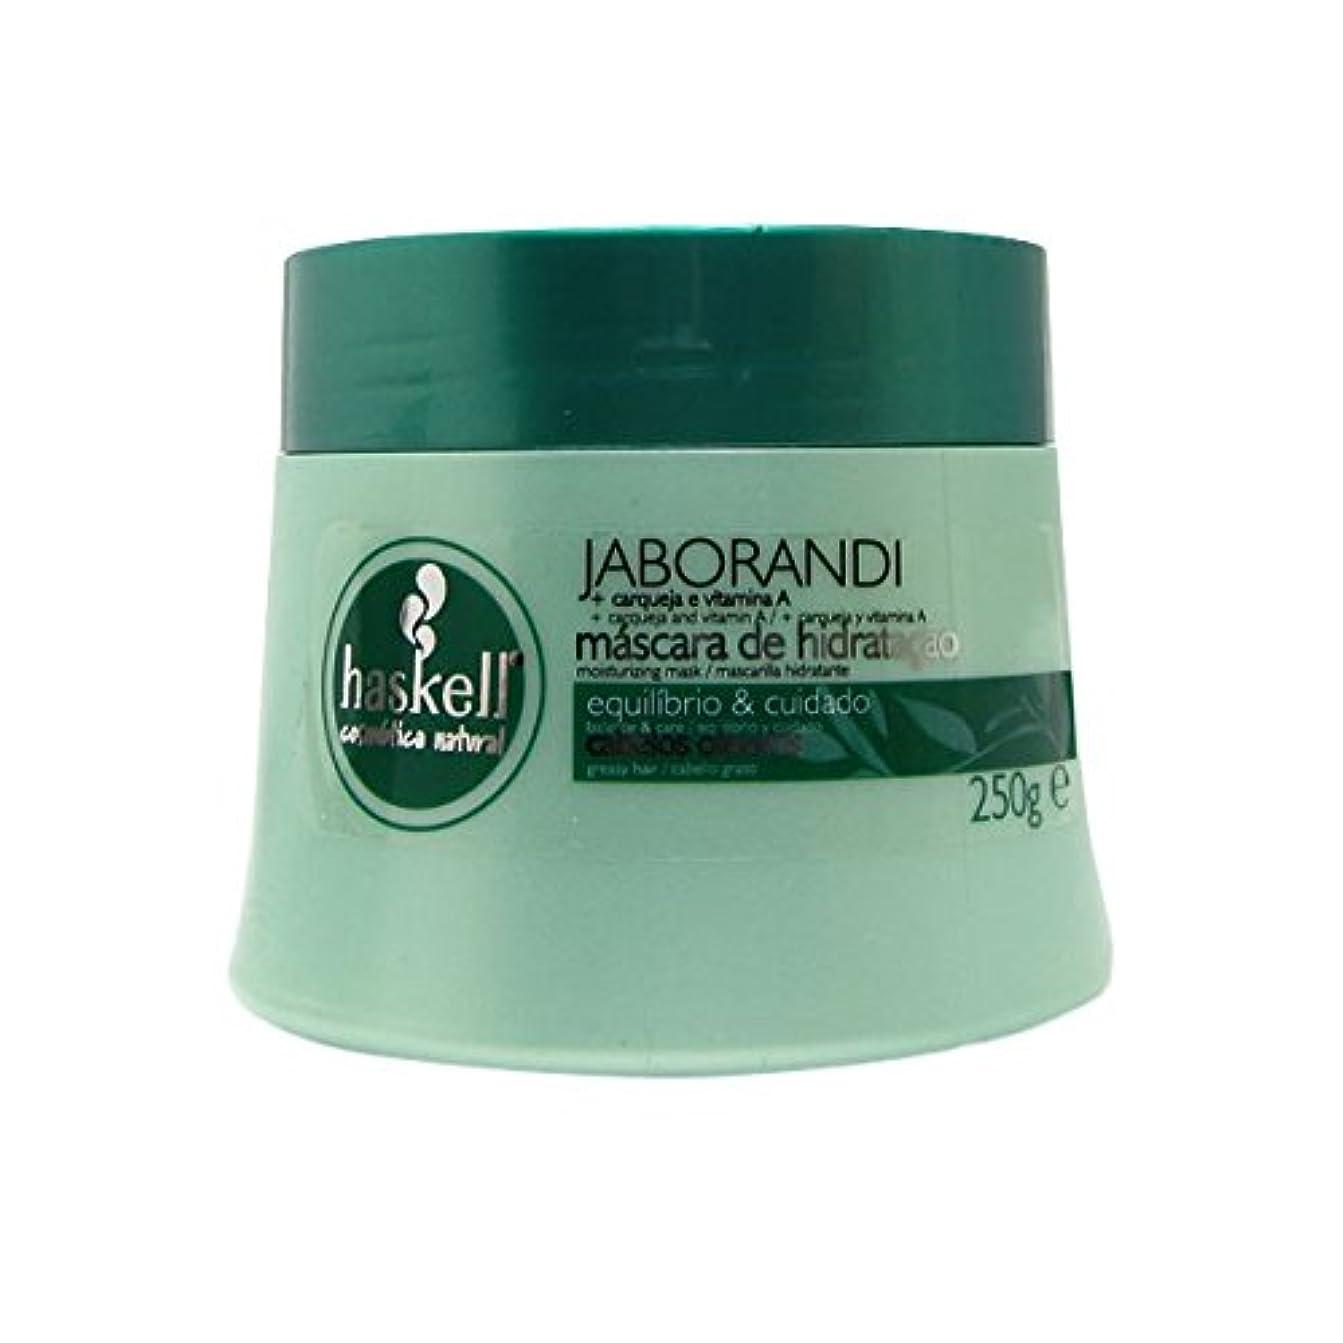 エアコン祝福する電池Haskell Jaborandi Hair Mask 250g [並行輸入品]